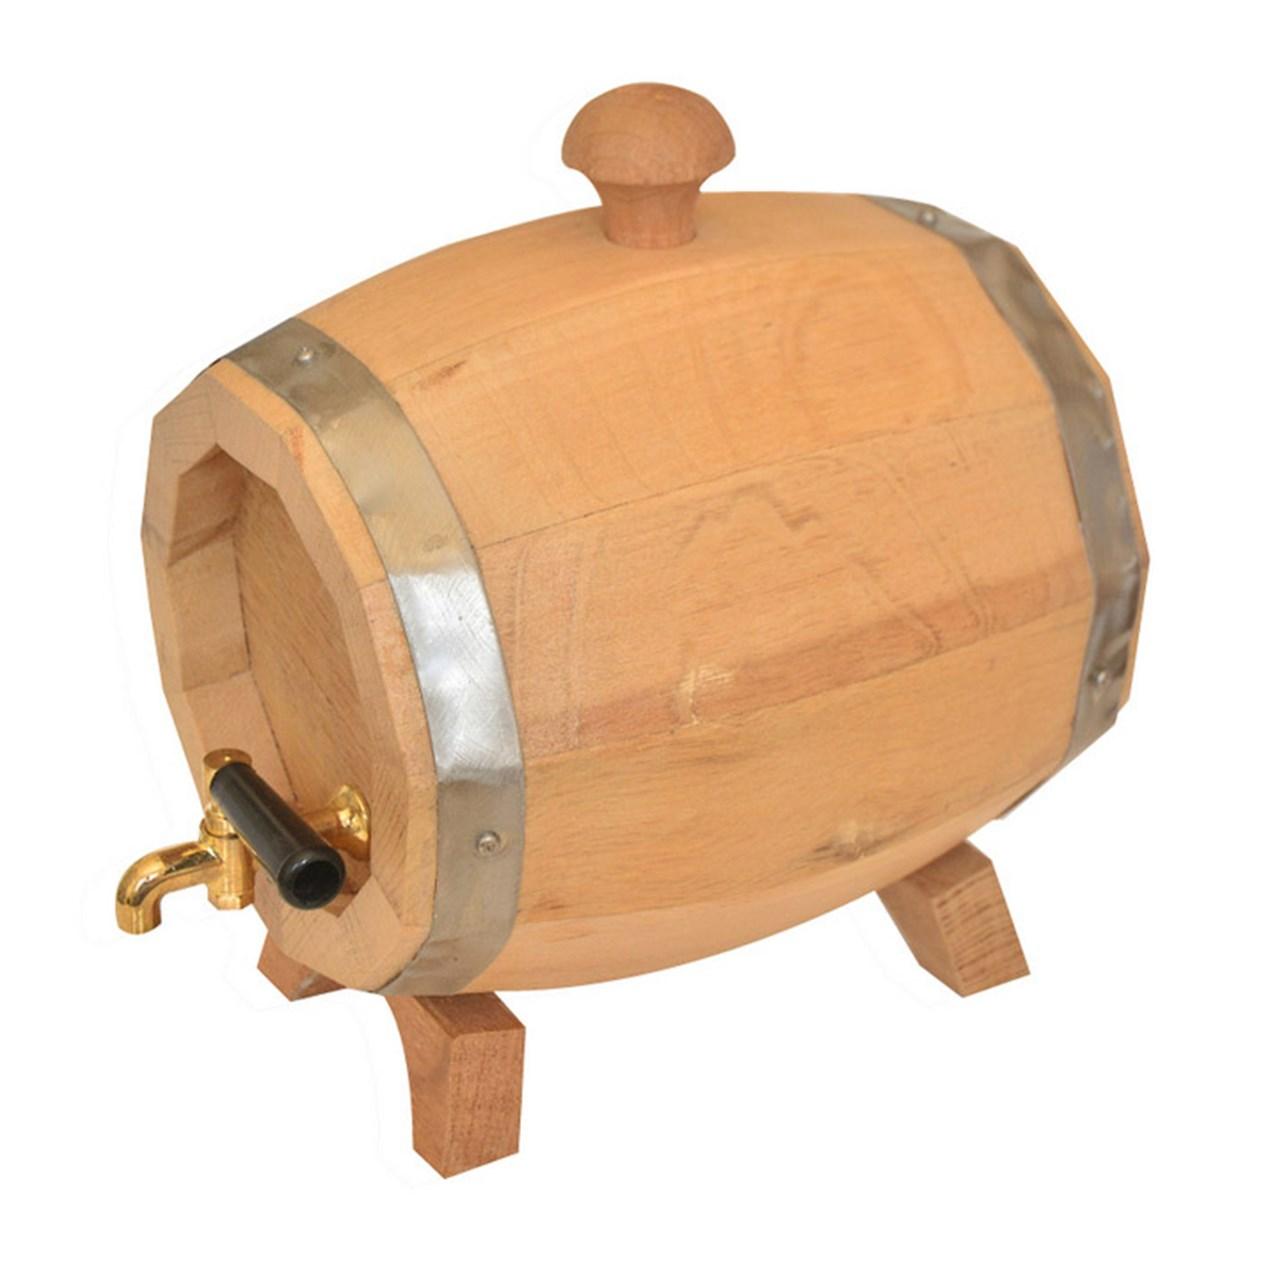 کلمن چوبی بامبوم مدل B0208